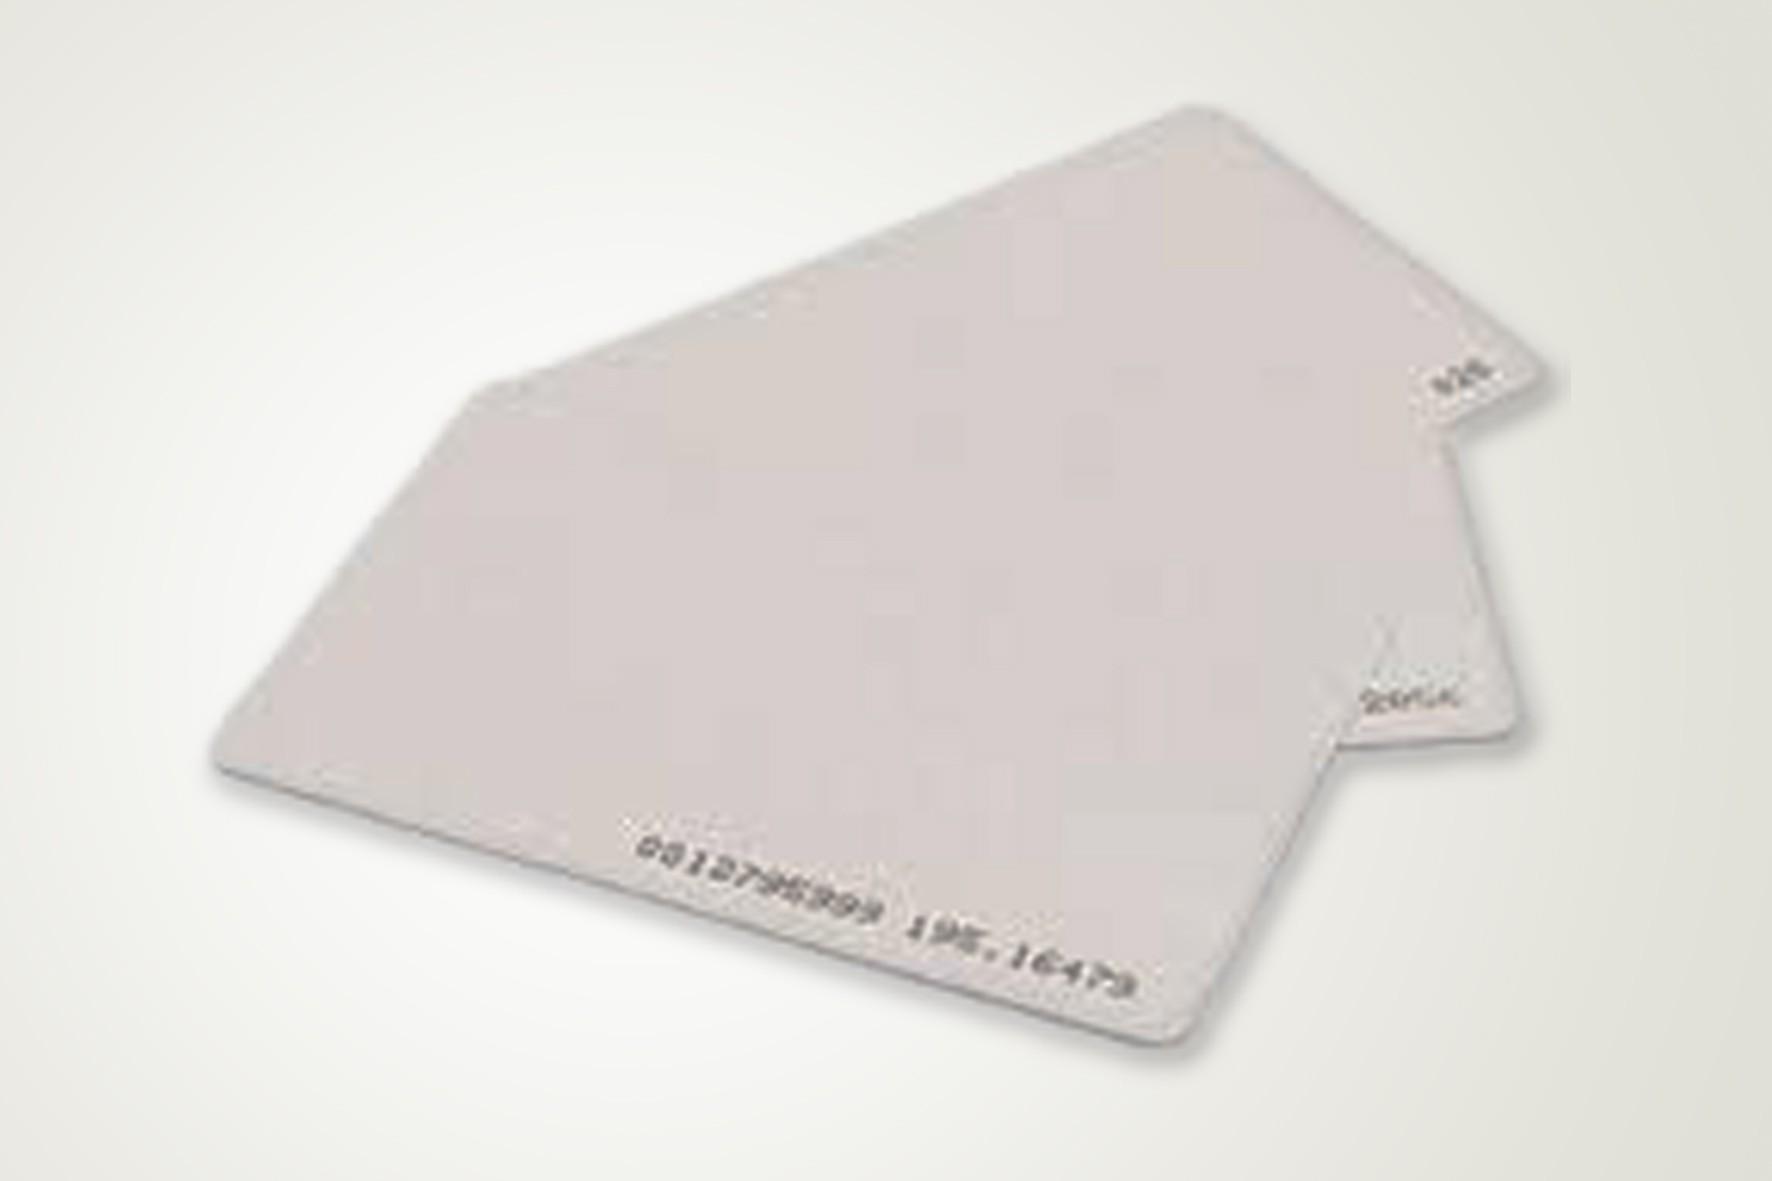 Cartões com Chip de Proximidade no Jardim Edith - Comanda de Consumo